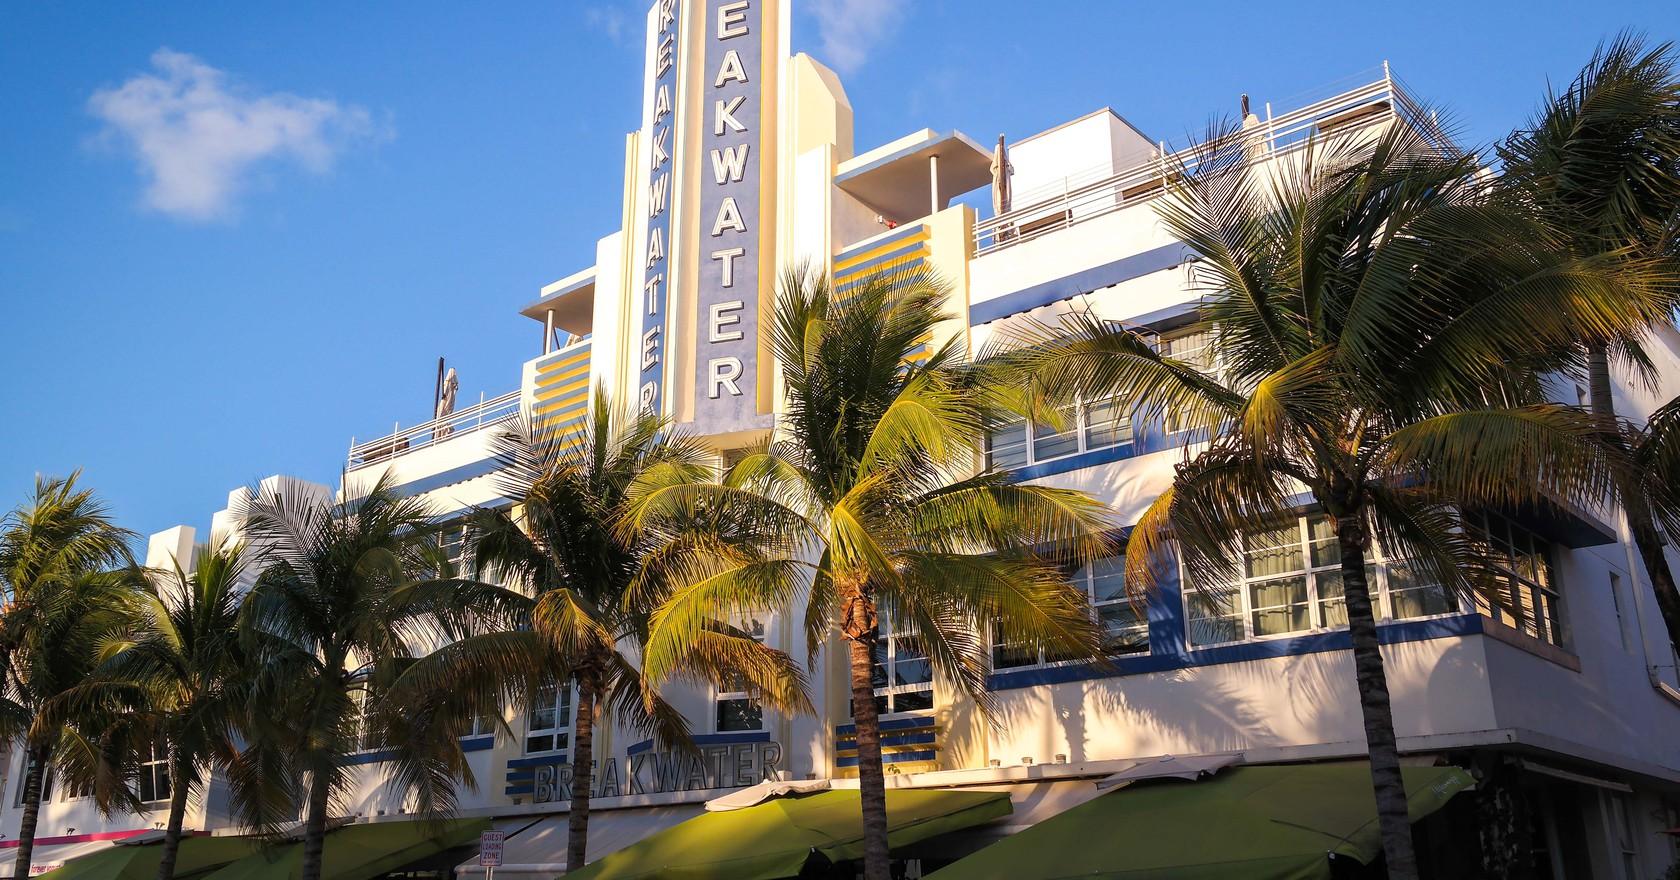 Breakwater Hotel Miami Beach Wikipedia Commons